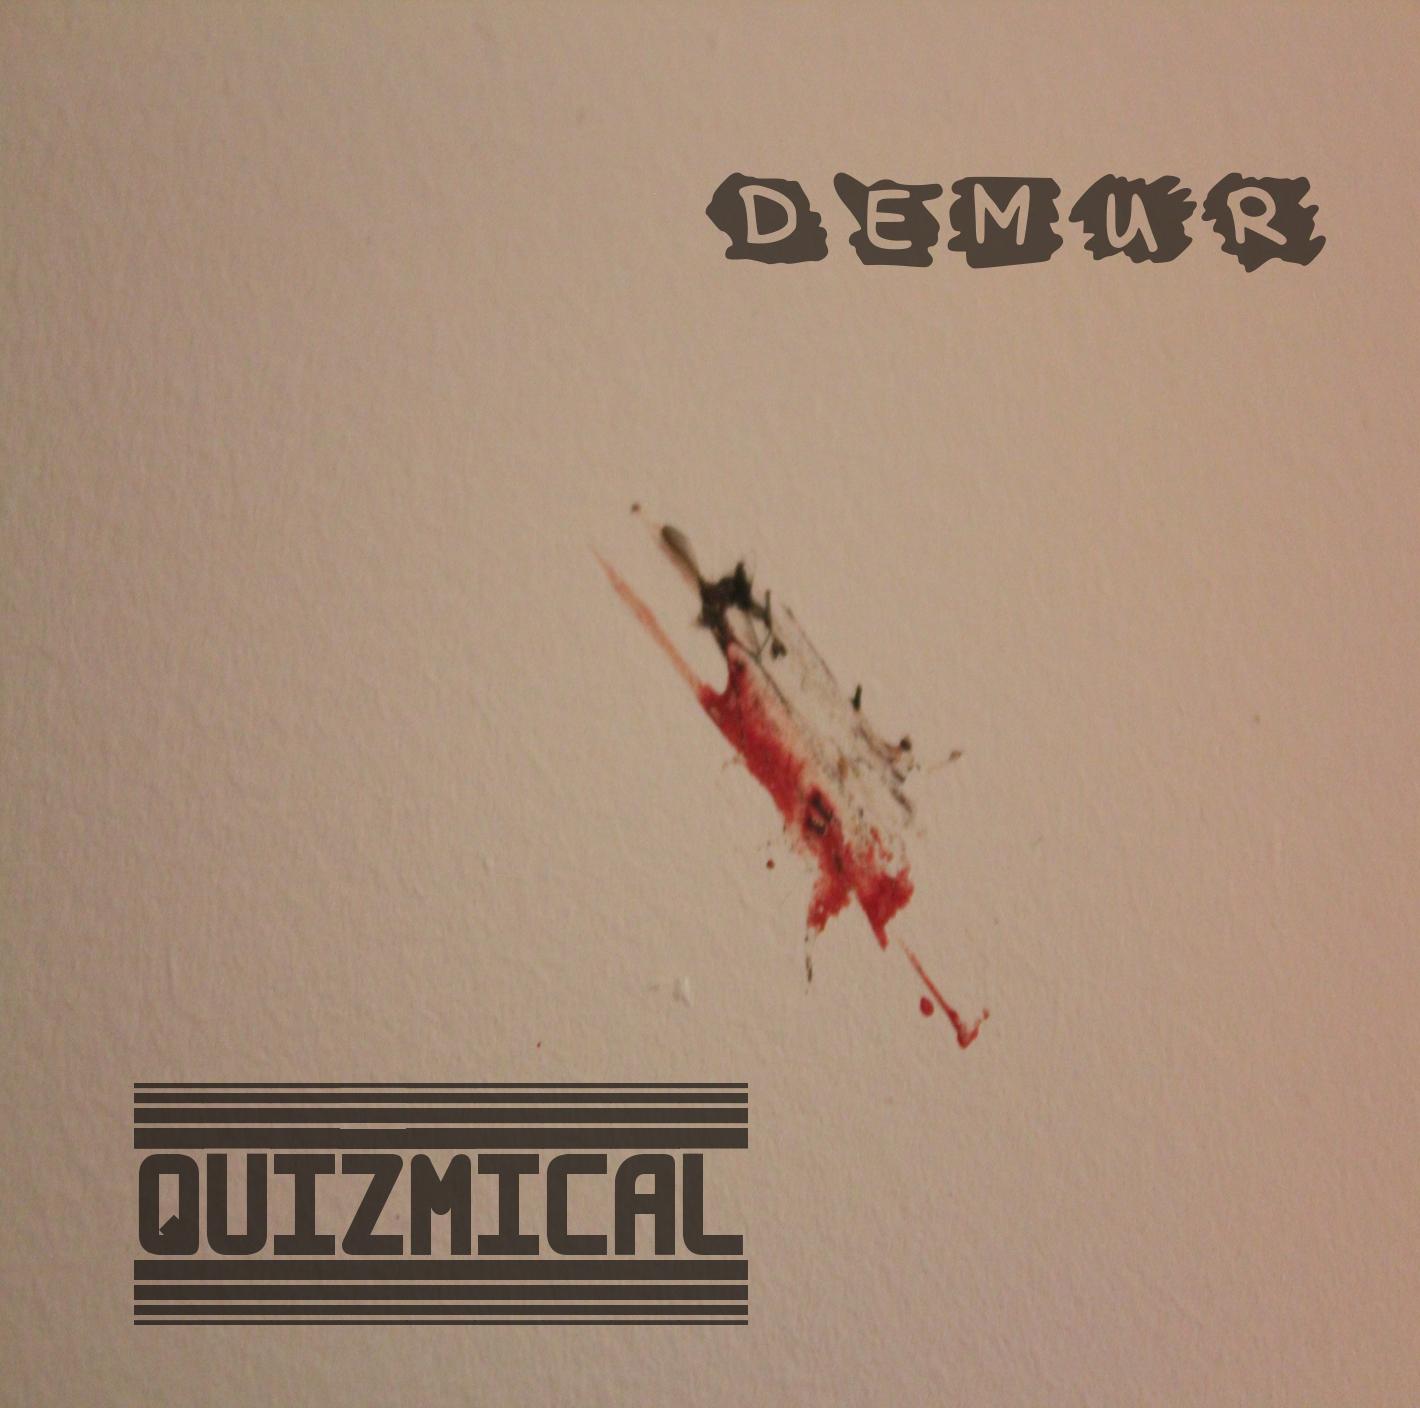 DEMUR EP - QUIZMICAL